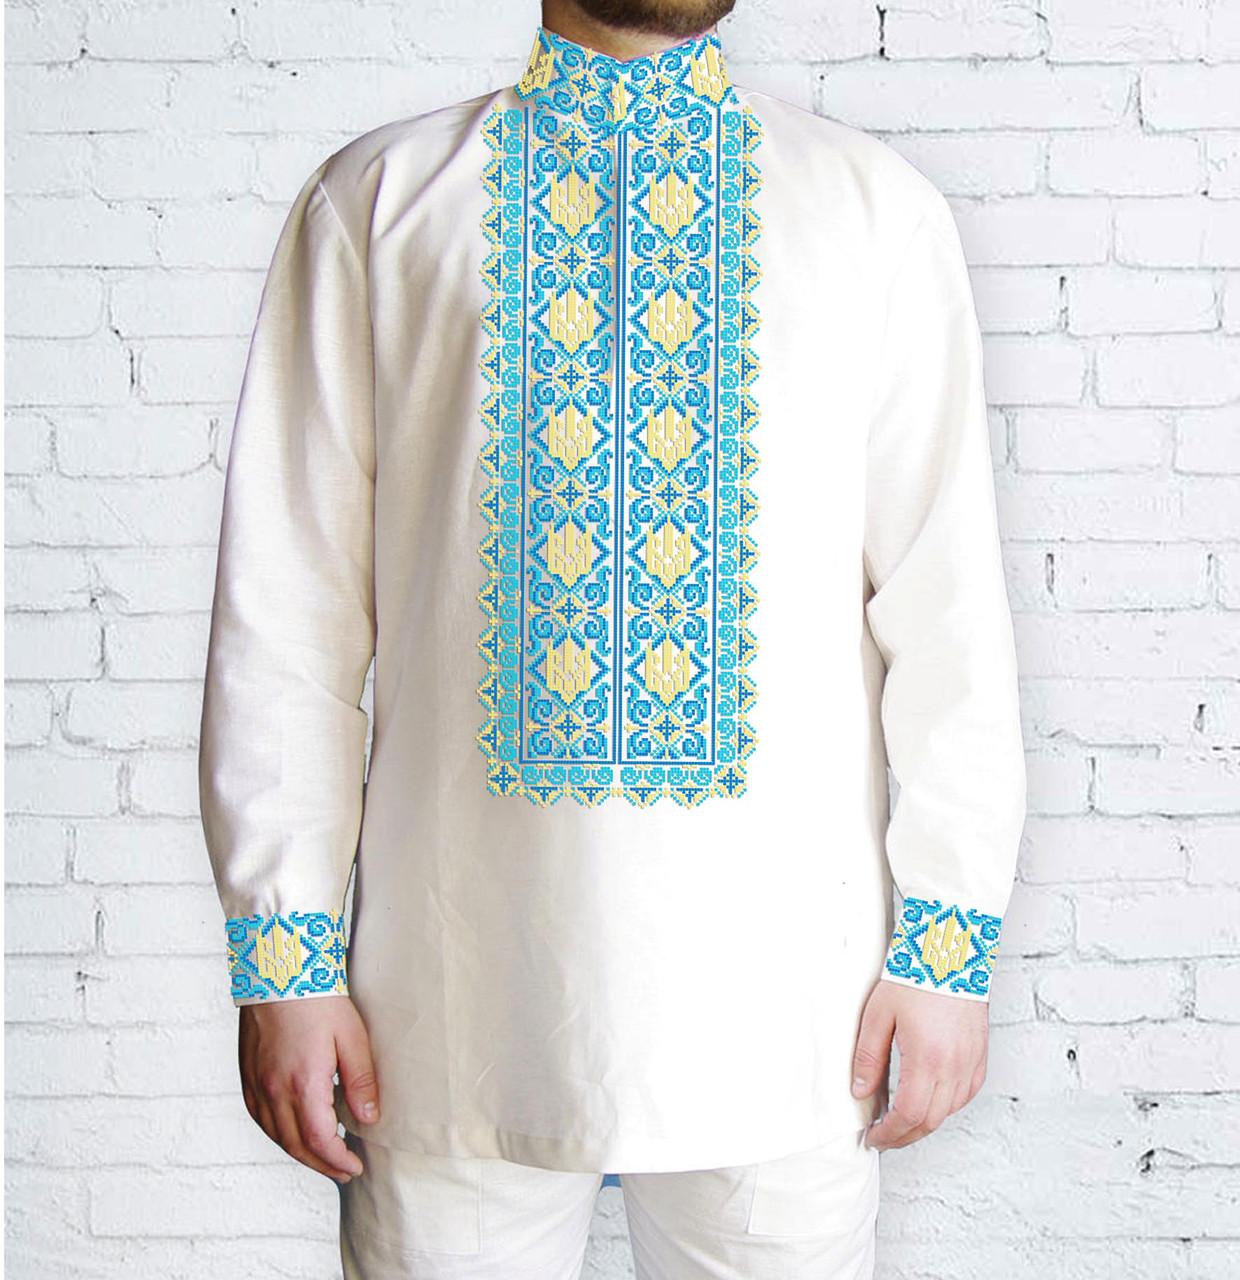 Заготовка чоловічої сорочки та вишиванки для вишивки чи вишивання бісером Бисерок «Тризуб в завитках» (Ч-527  Г )